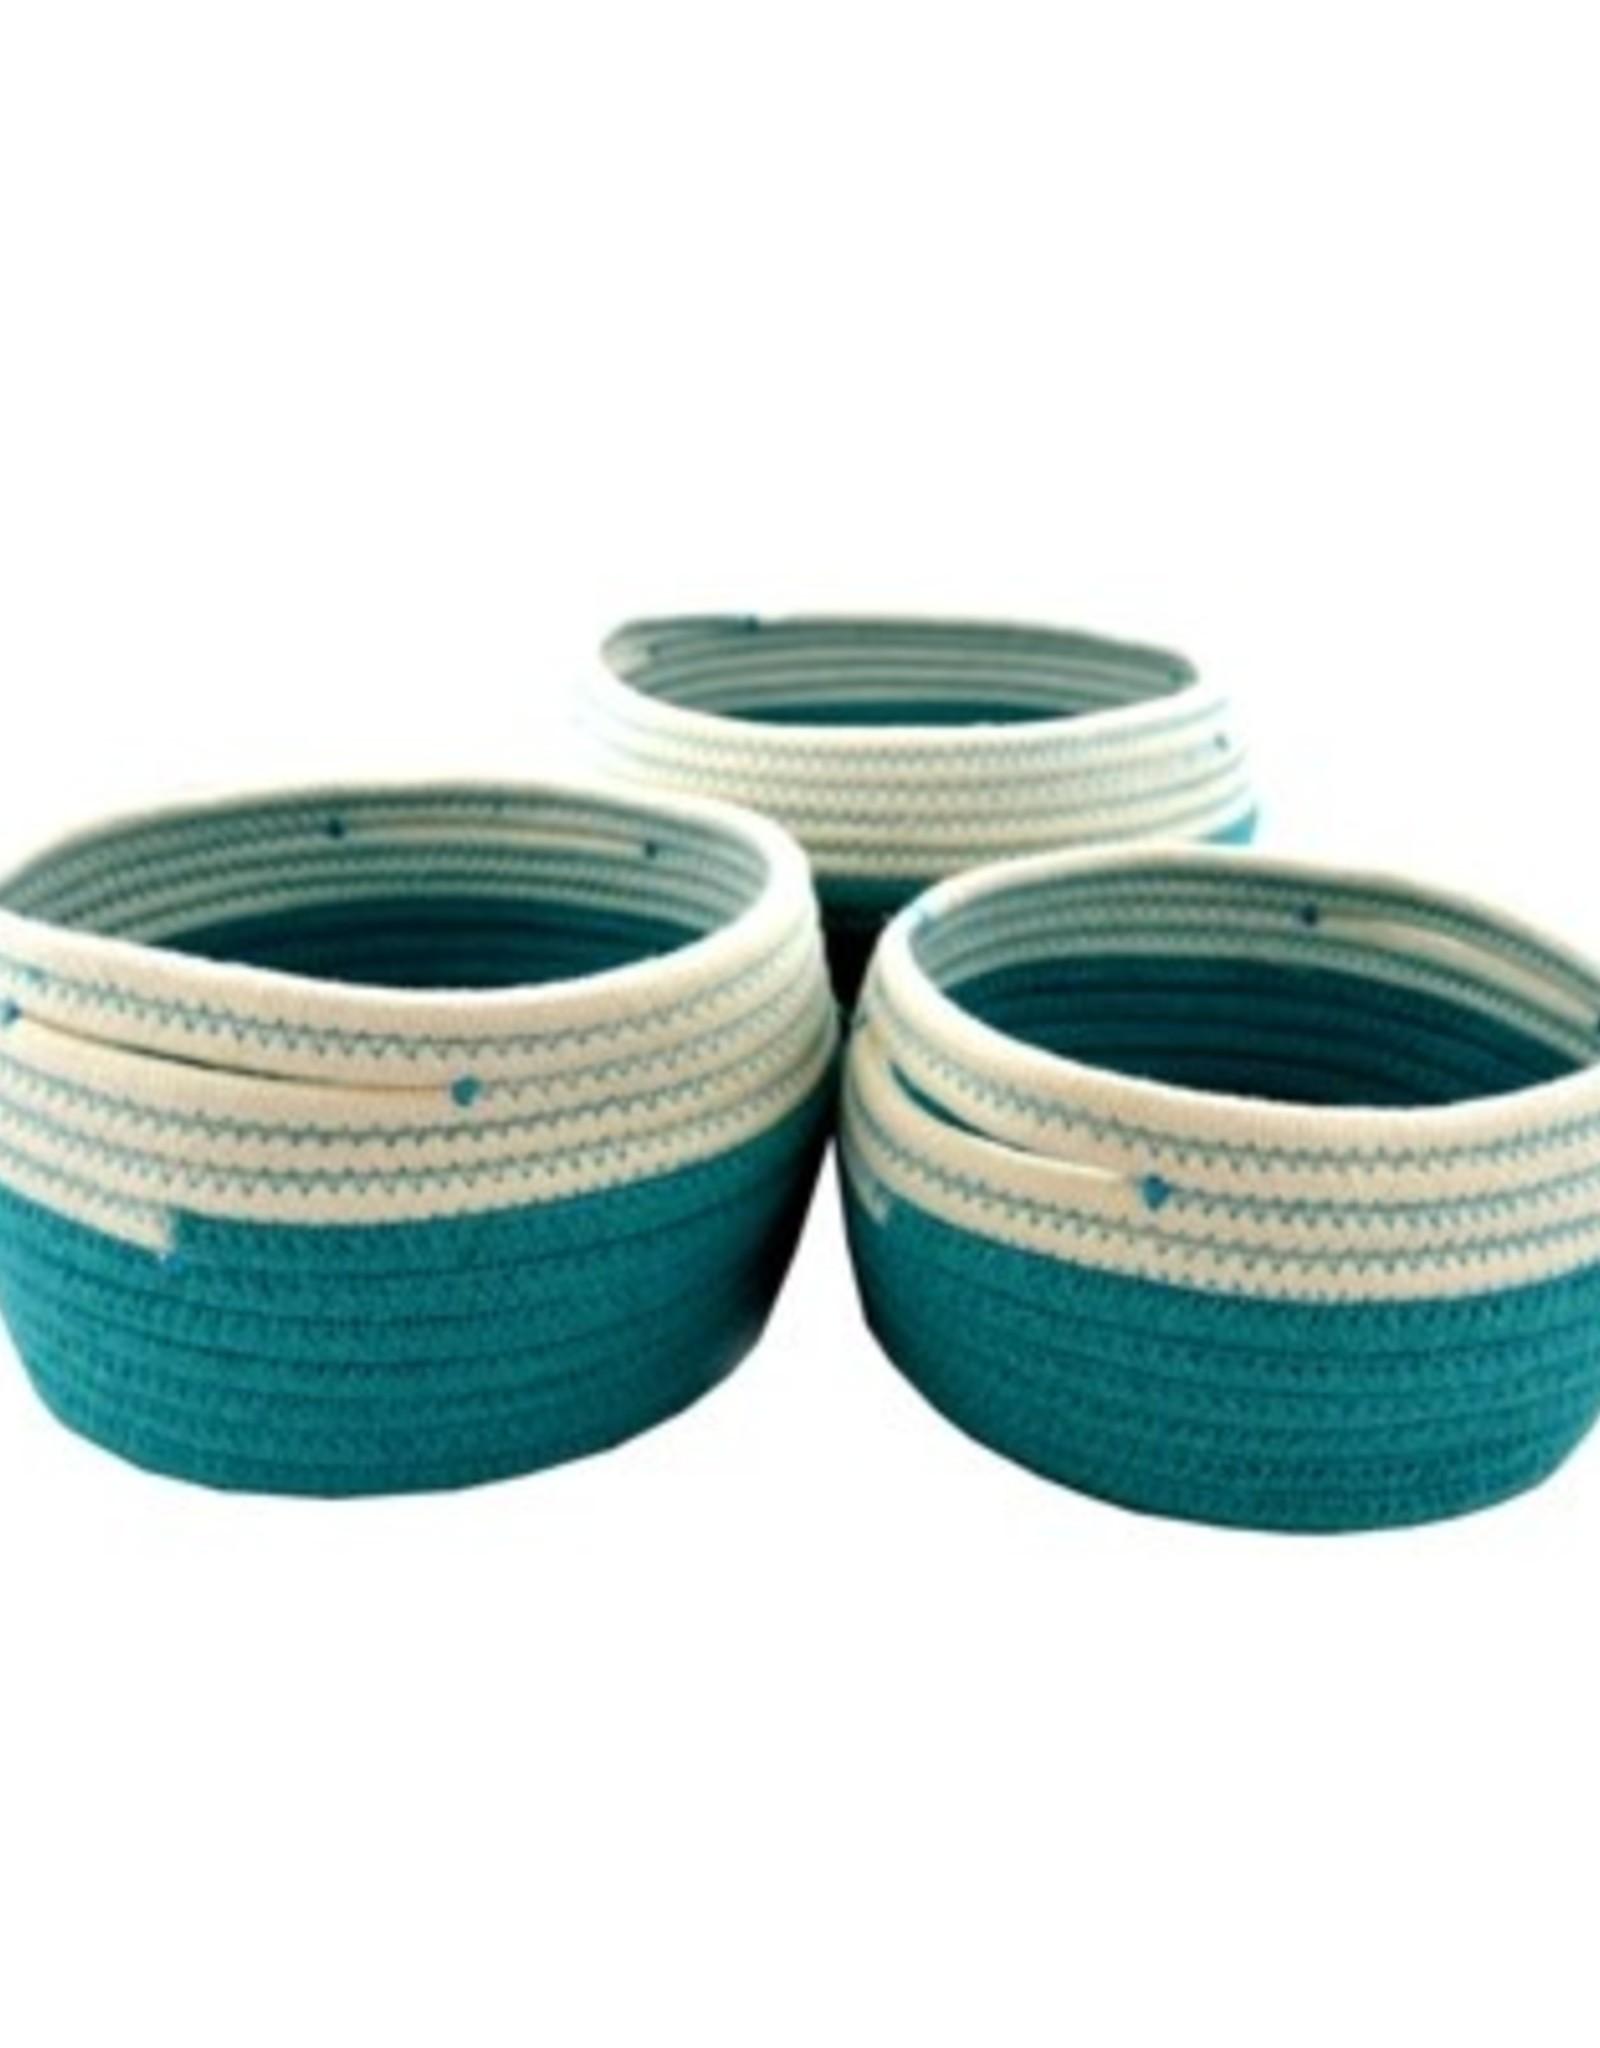 Nostalgia Basket Nostalgia Storage Turquoise Medium 709-084